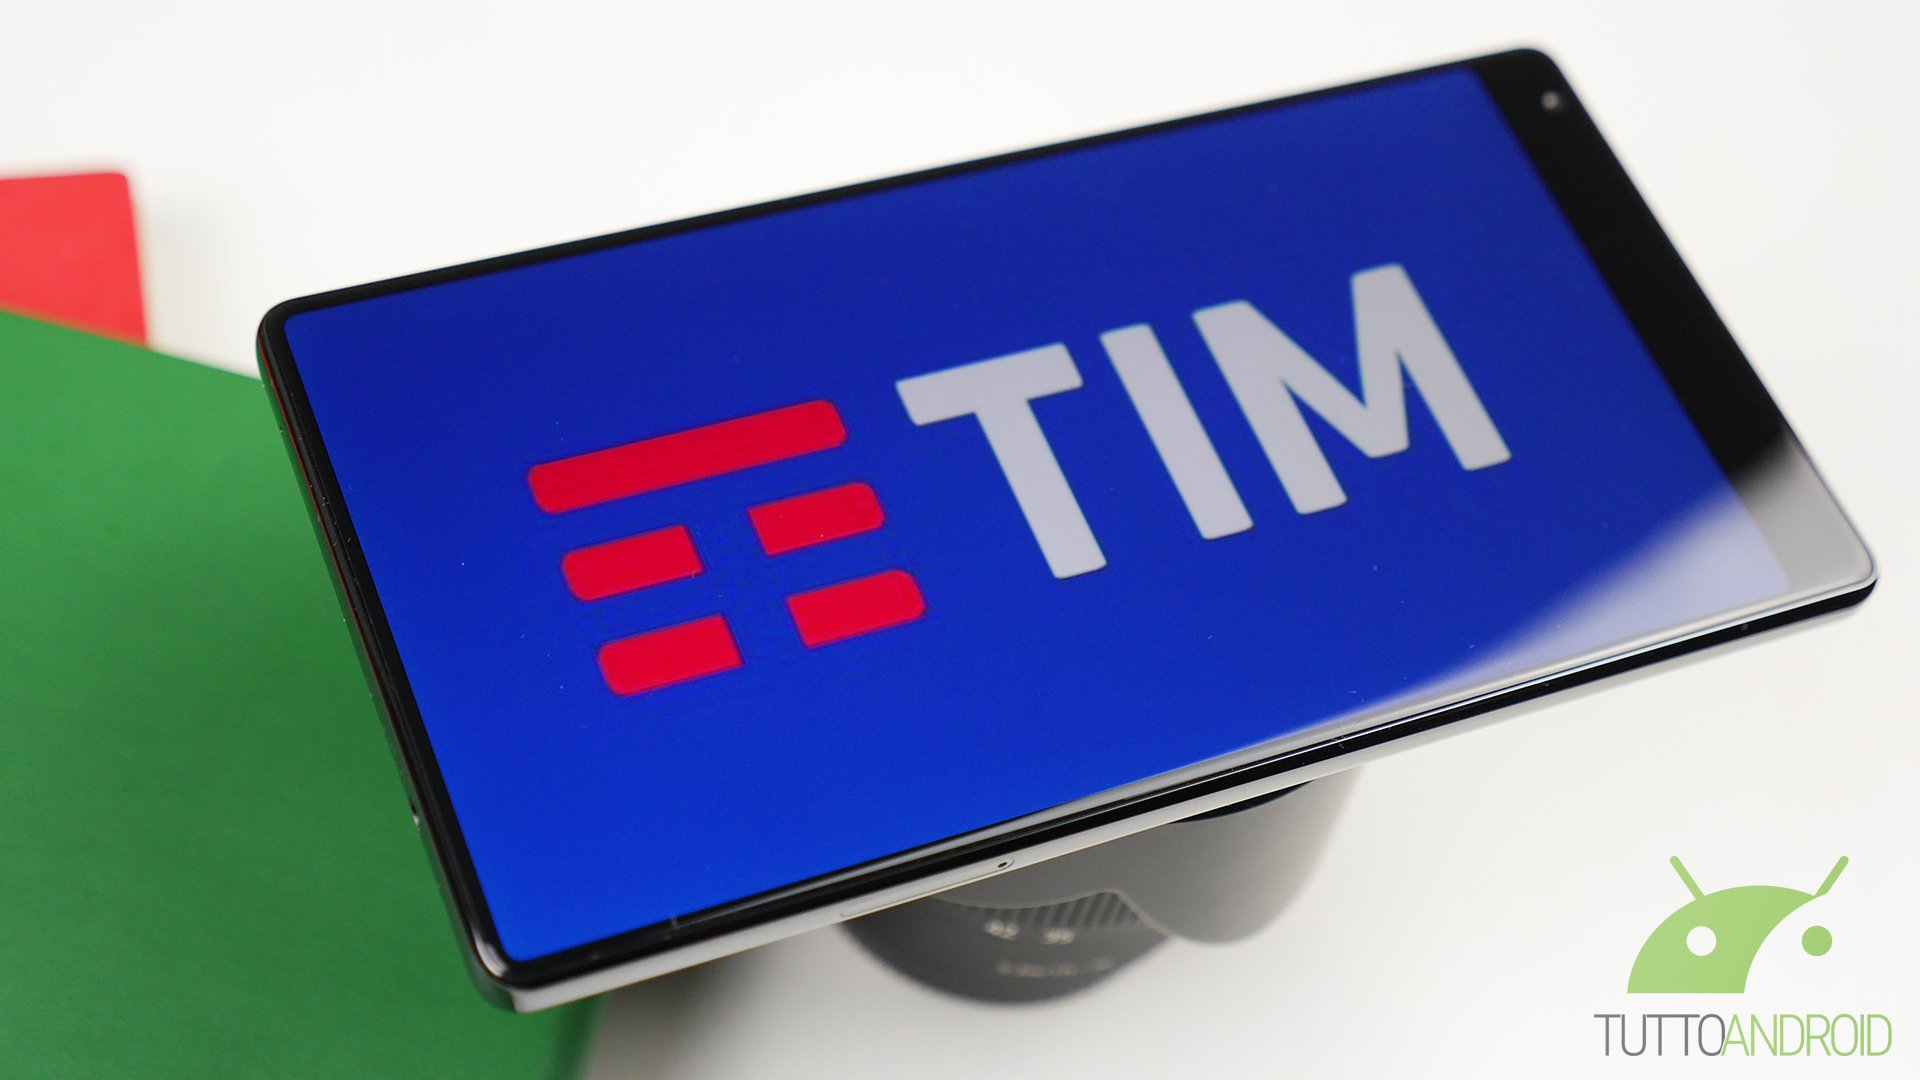 Tim Special rimodulazione in arrivo: più Giga ma prezzo in aumento